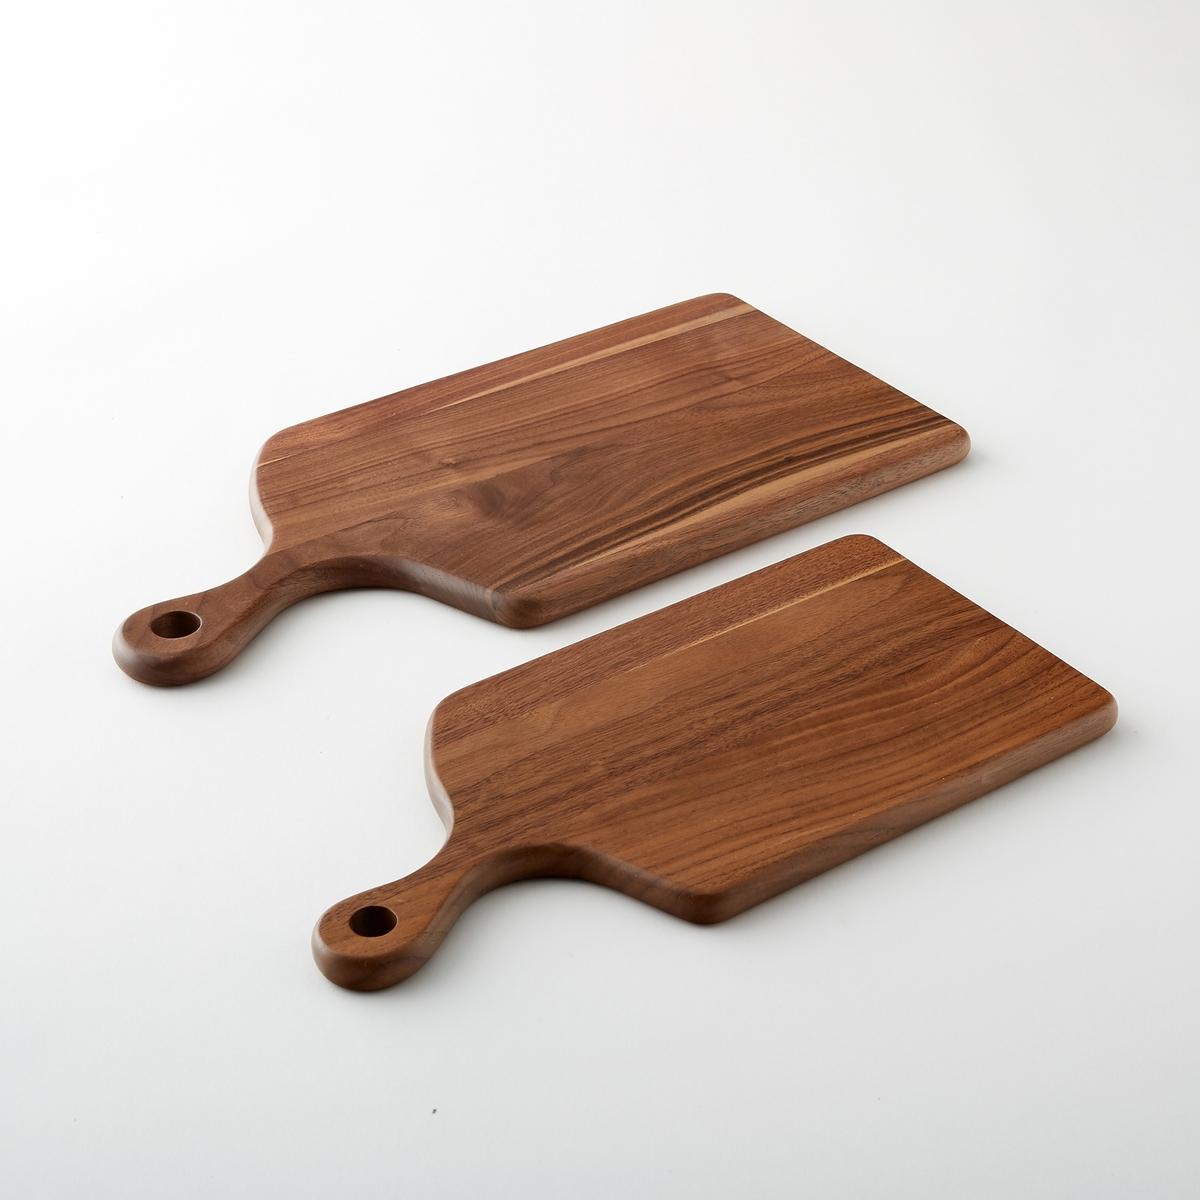 Доска разделочная маленькая модель, MoodwaРазделочная доска Moodwa. Элегантная и долговечная доска из массива ореха. Моется вручную, не оставлять в воде. Размеры : Ш.33 x В.1,5 x Г.16,3 см.<br><br>Цвет: дерево орех<br>Размер: единый размер